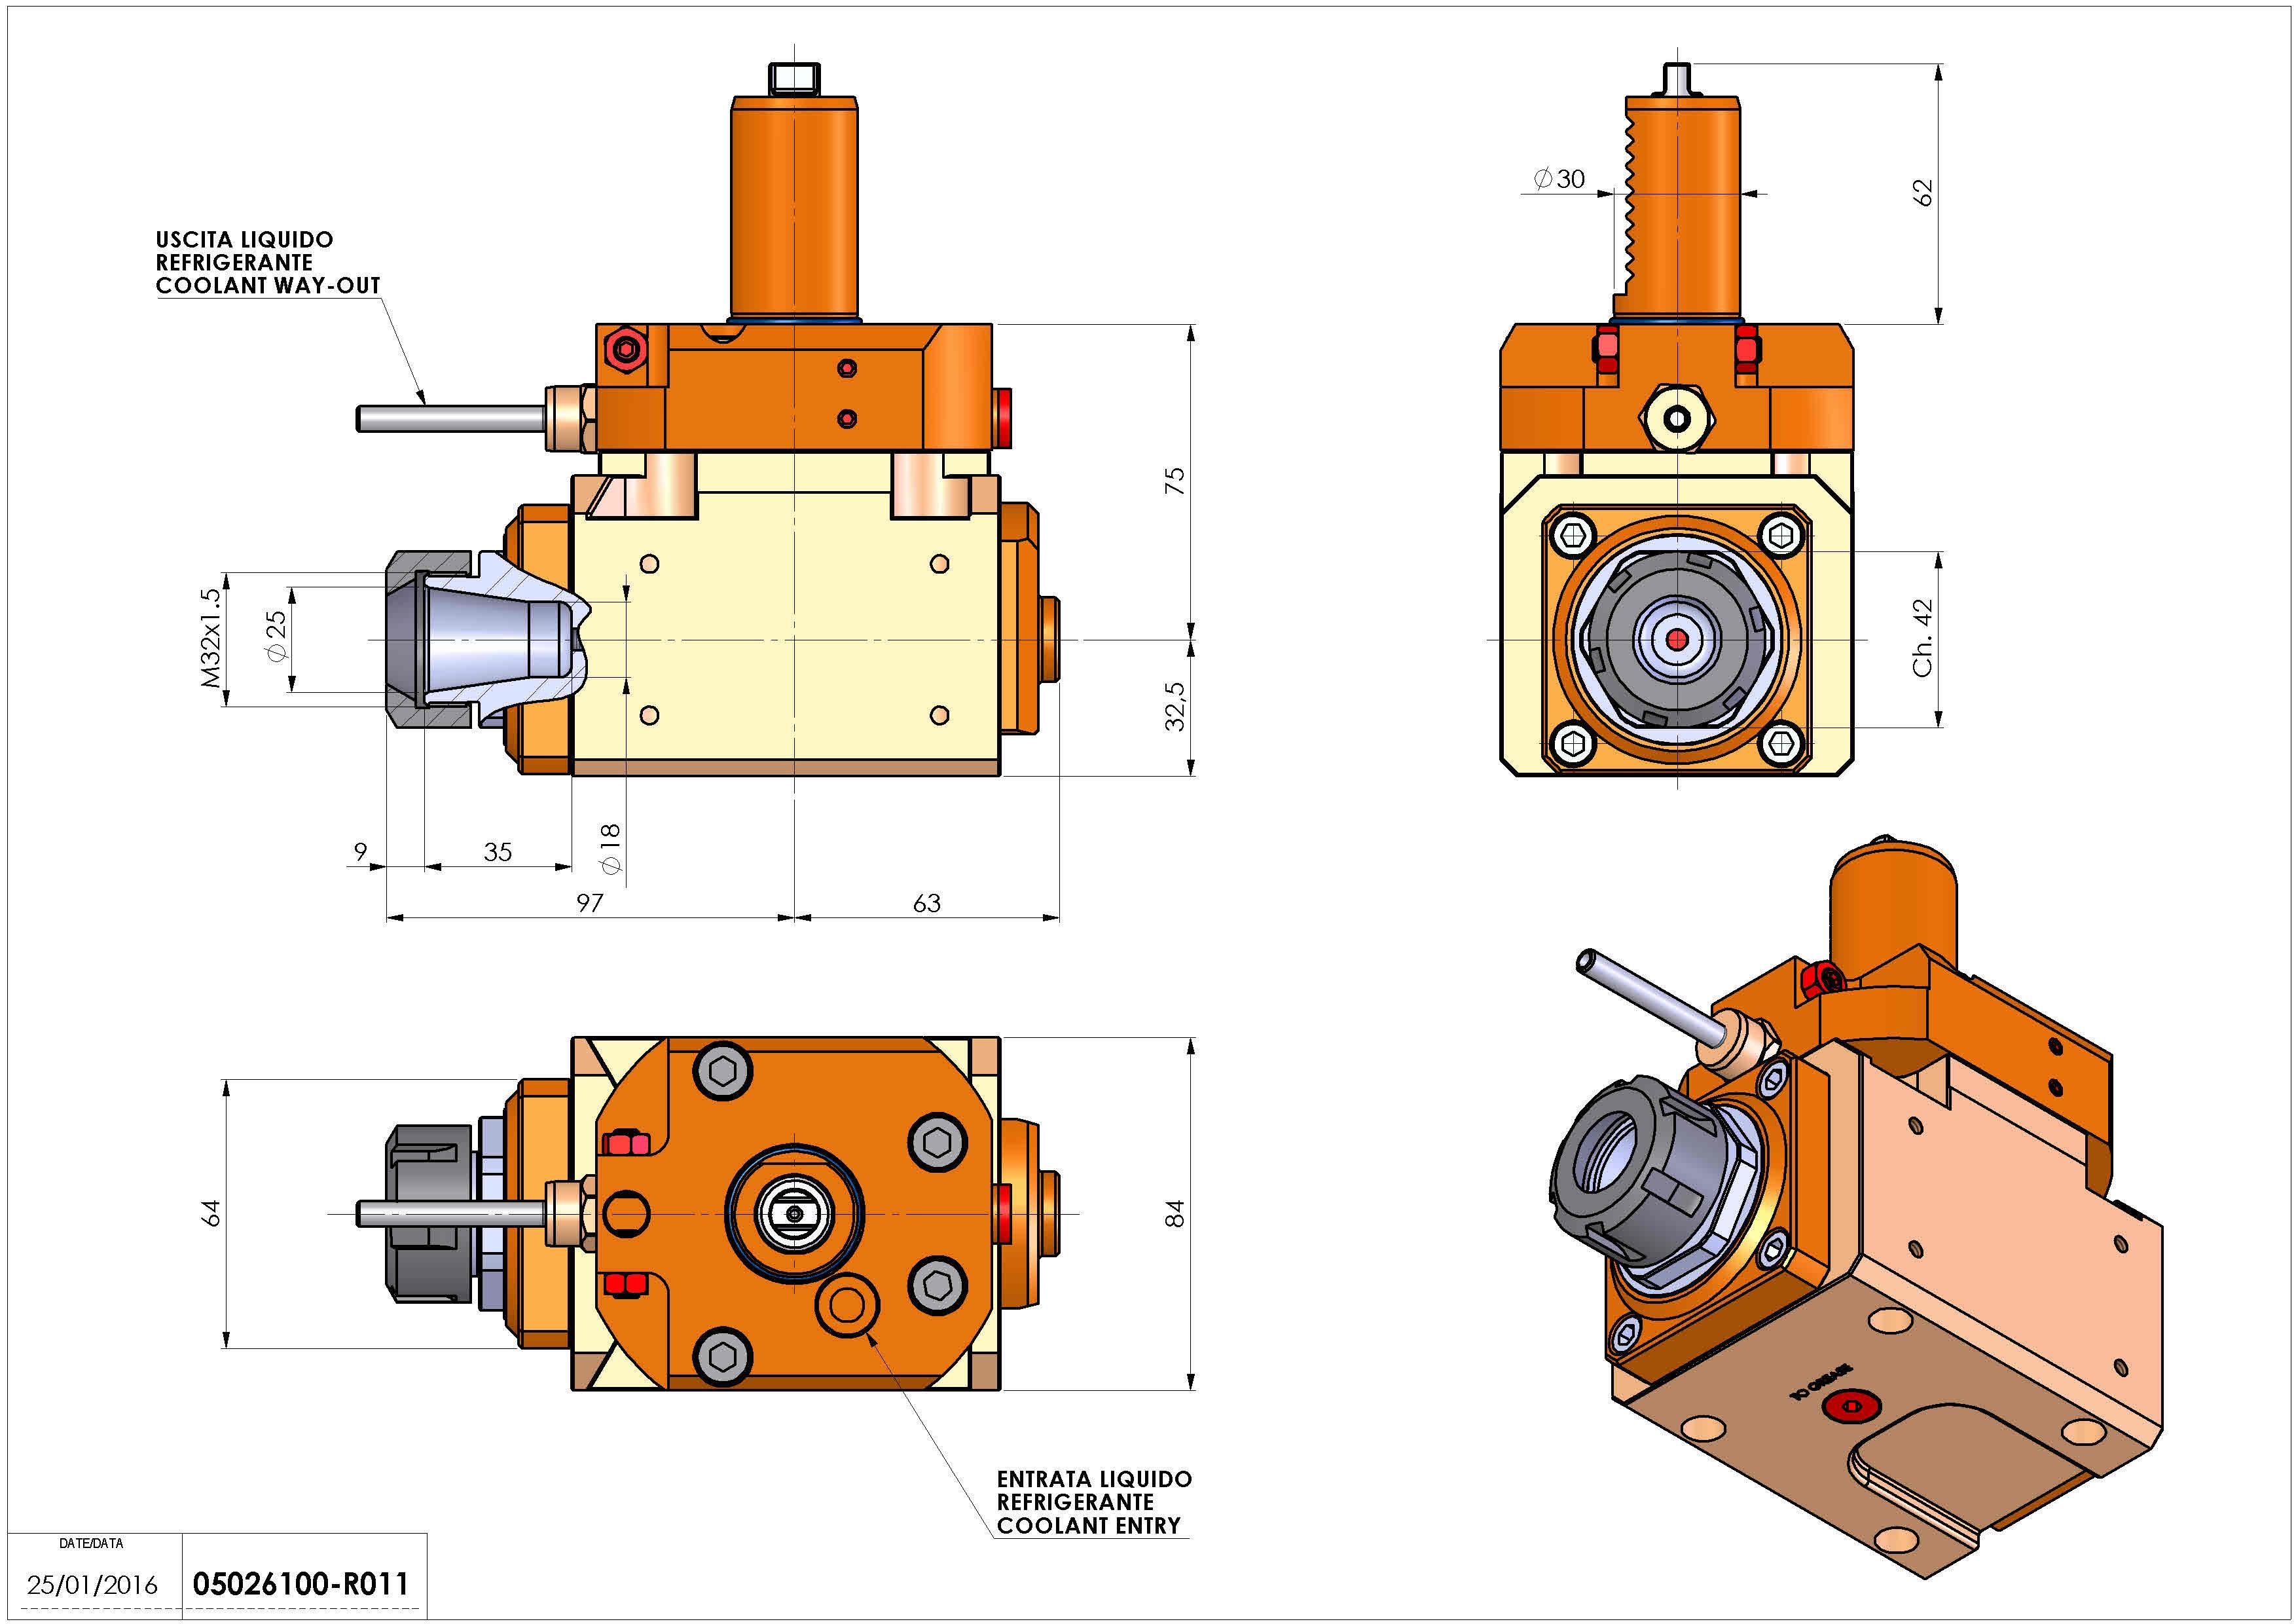 Technical image - LT-A VDI30 ER25 L 1:2 H75 TZ.